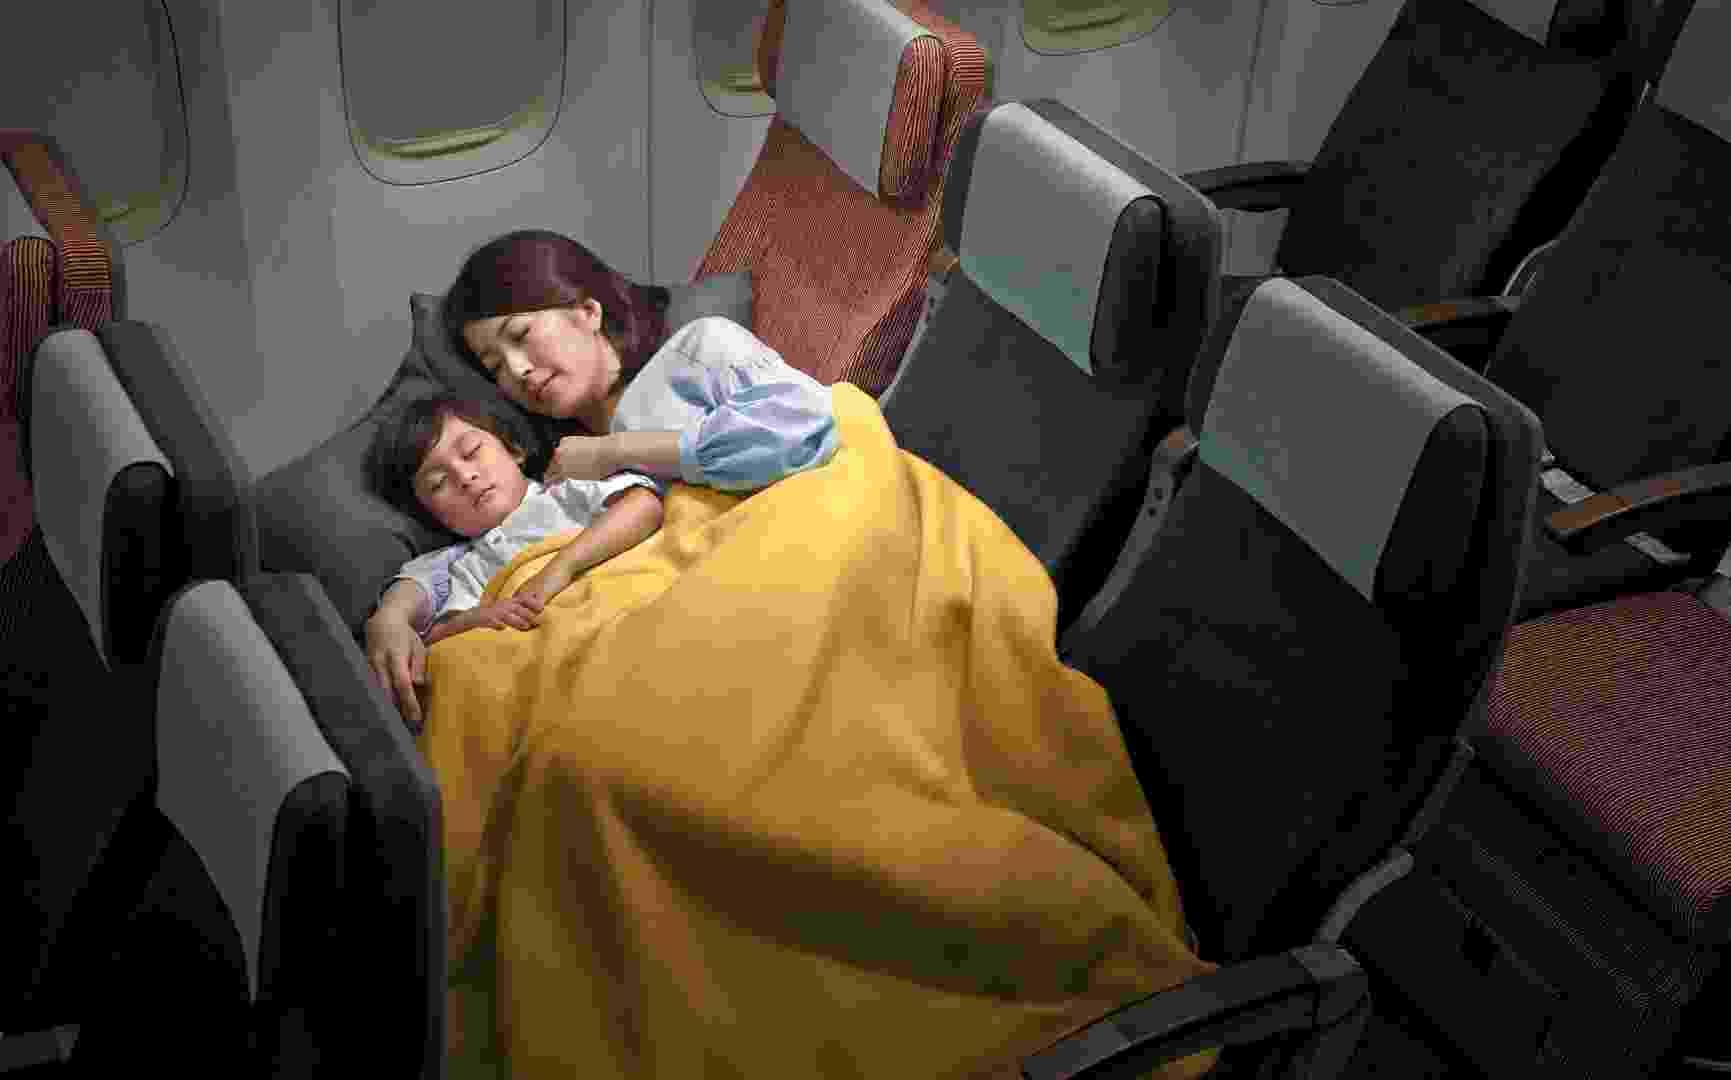 A China Airlines, companhia aérea do Taiwan, recebeu seu primeiro avião Boeing 777-300ER - Divulgação/China Airlines